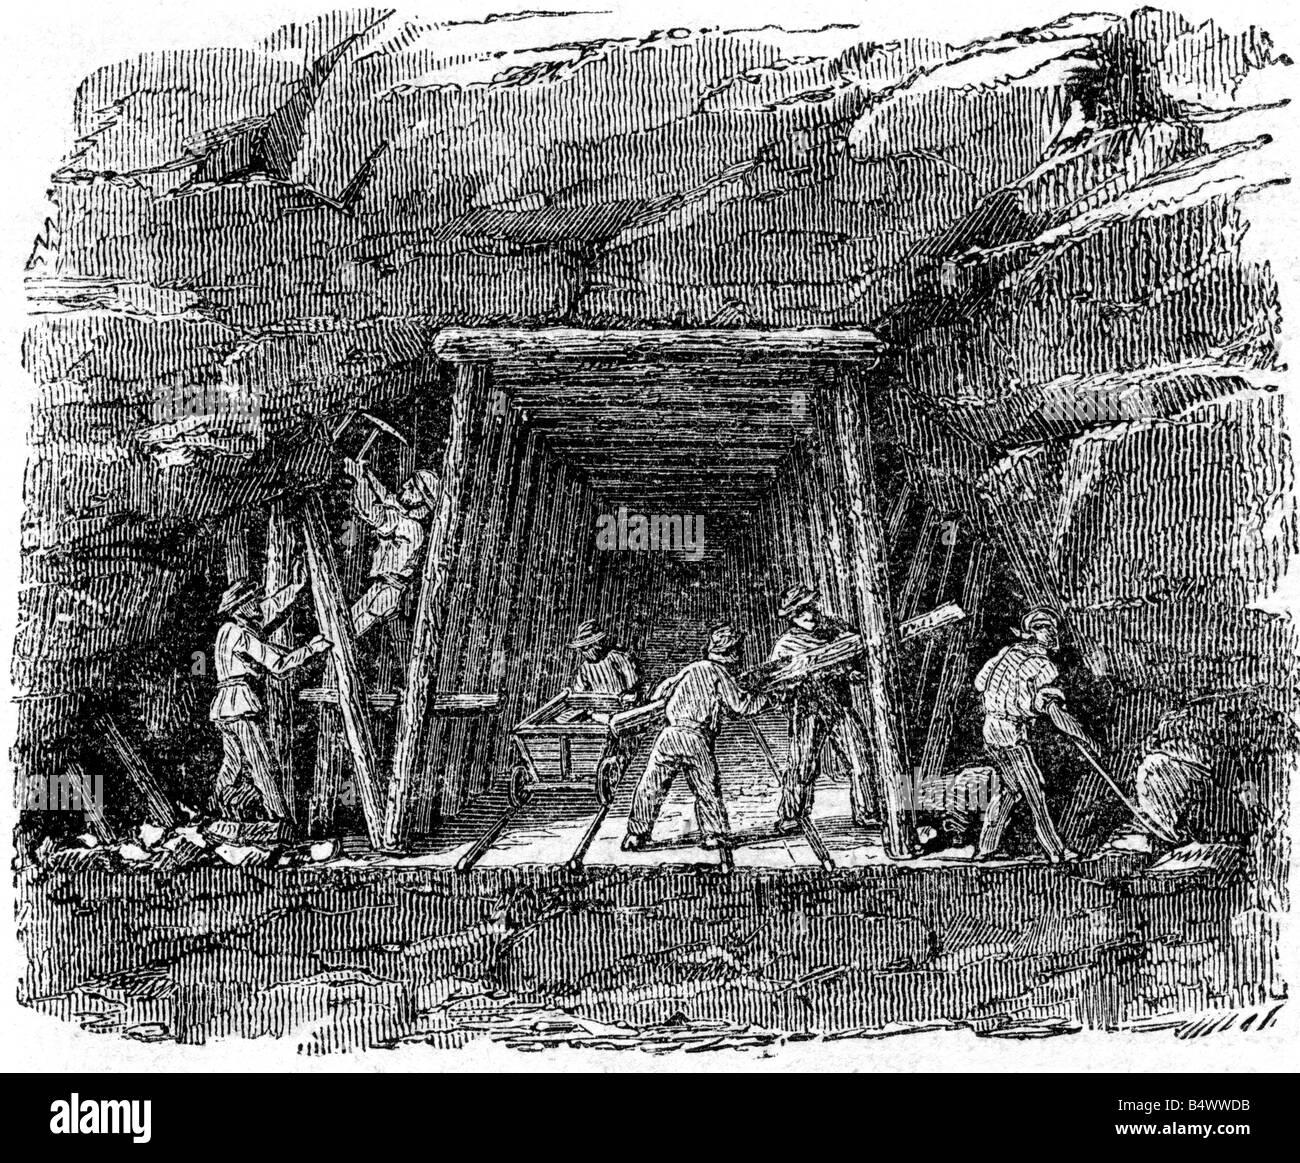 Architektur, Tunnel, Bau eines Eisenbahntunnels, eine Erweiterung der Standard Stollen, Holzstich, Deutschland, Stockbild